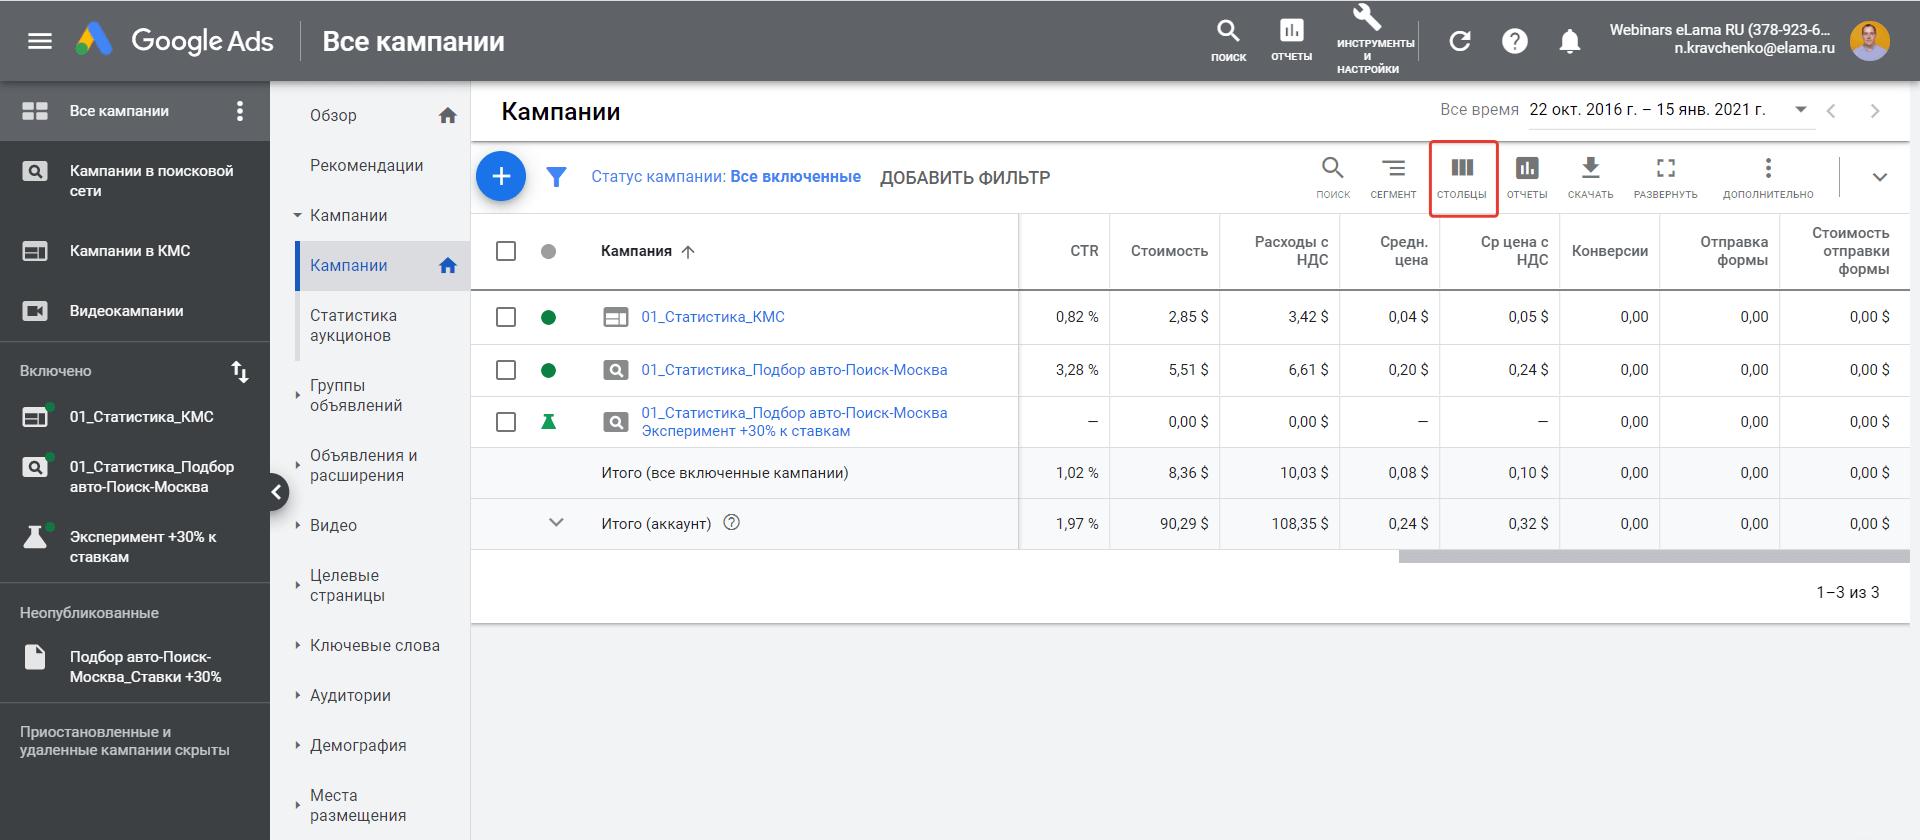 Формирование отчета в Google Ads